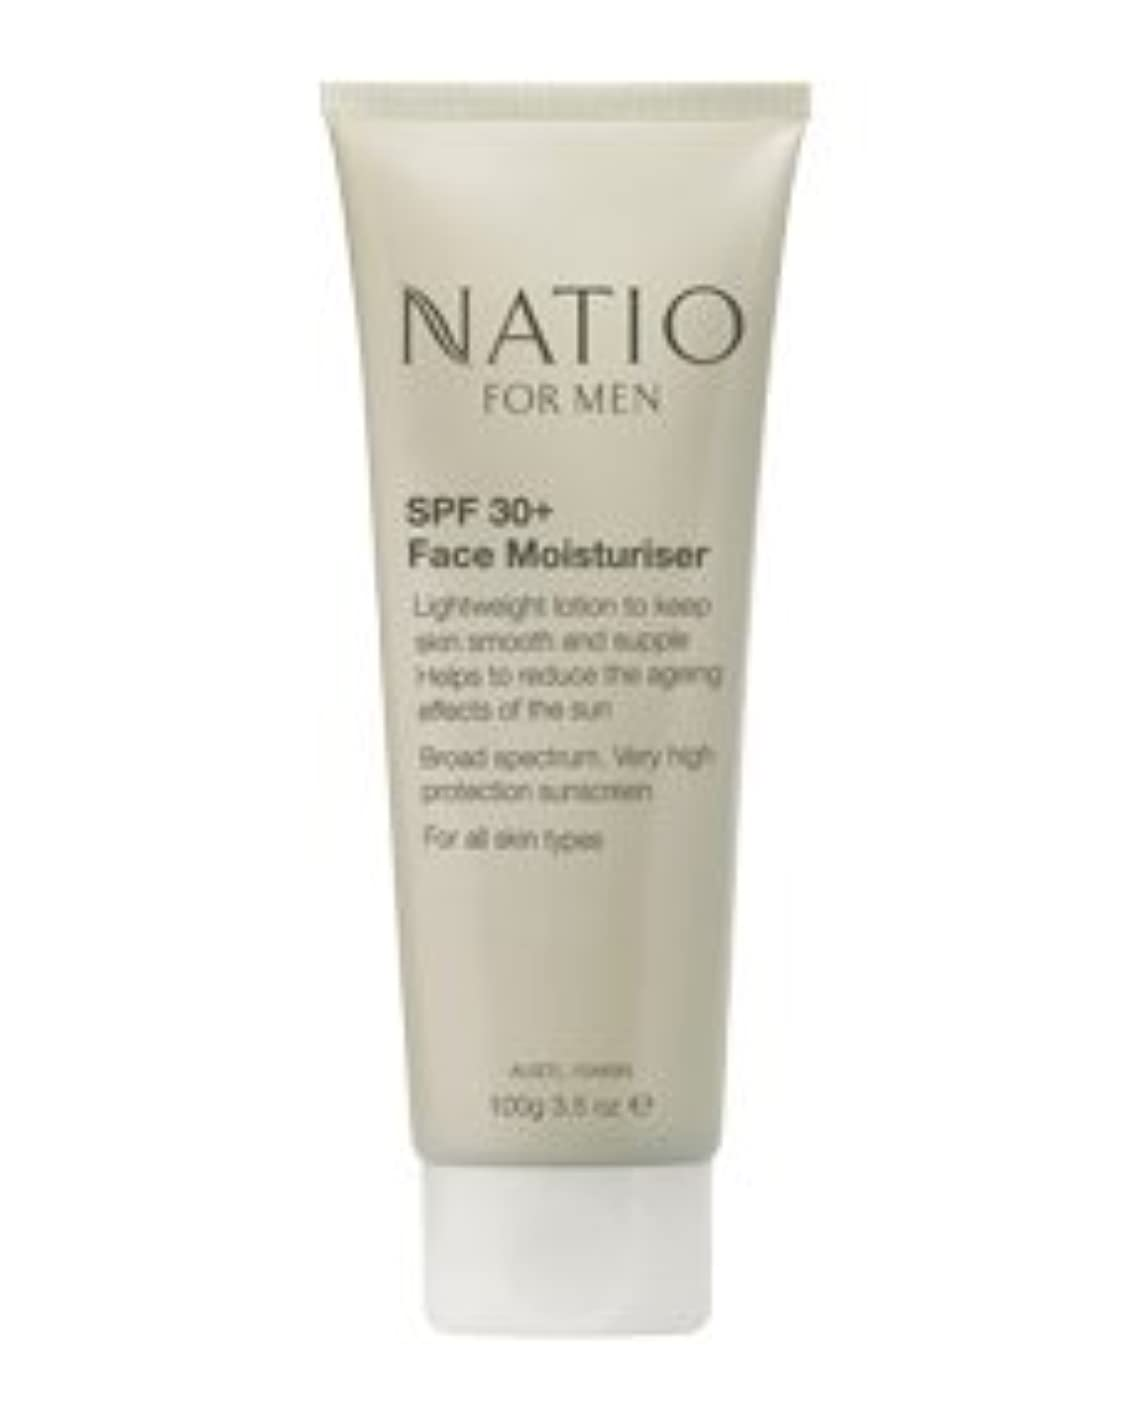 百単なる内部【NATIO FOR MEN SPF 30+ Face Moisturiser】 ナティオ  SPF 30+ フェイス モイスチャライザー [海外直送品]